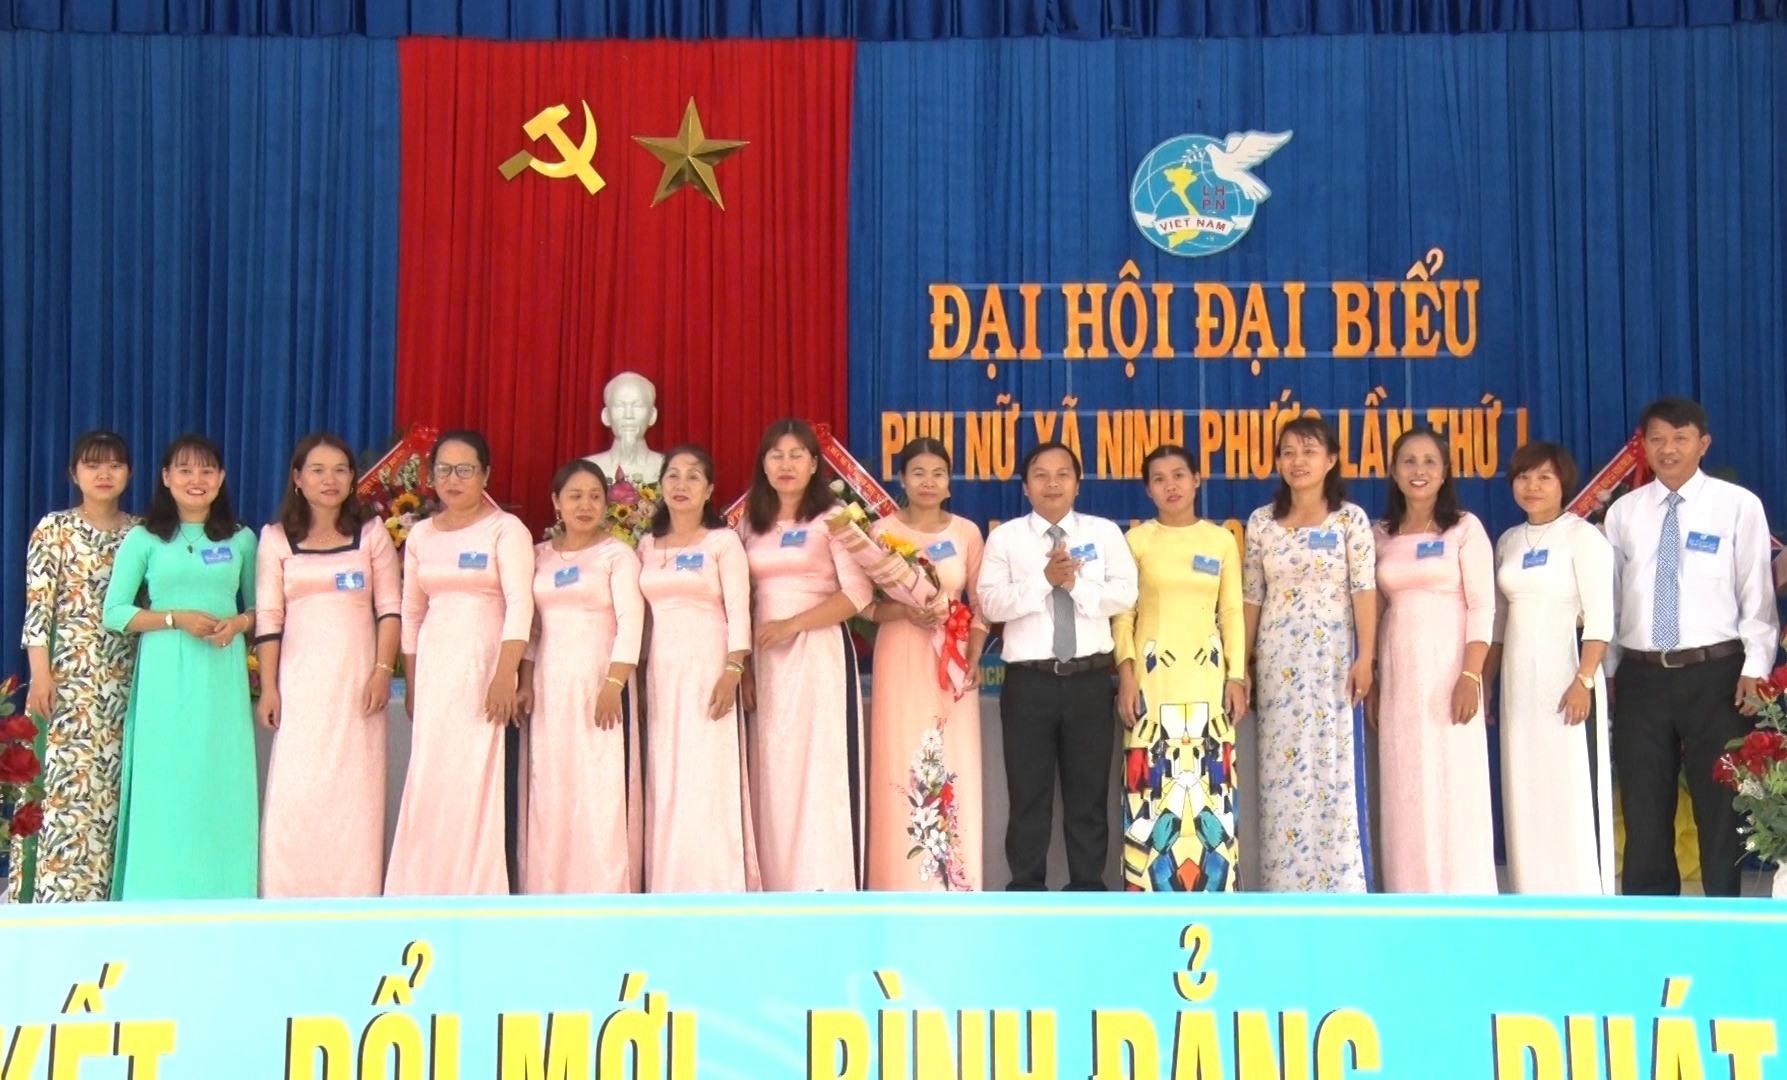 Ra mắt BCH Hội LHPN xã Ninh Phước khóa I, nhiệm kỳ 2021-2026. Ảnh: TÂM LÊ